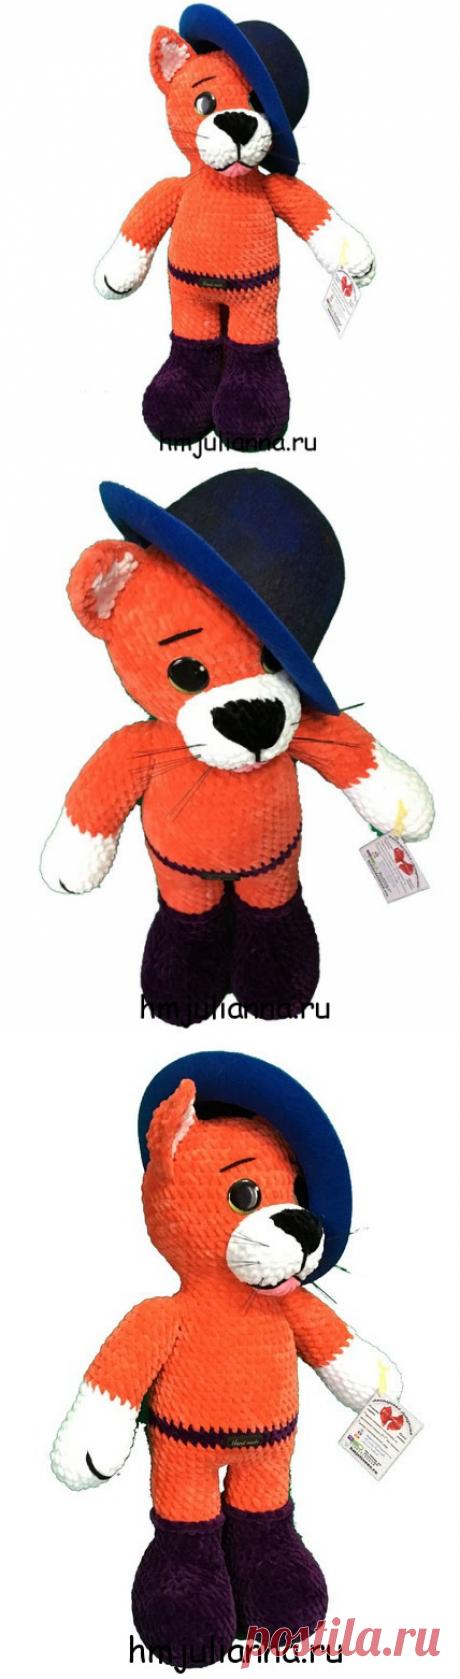 Плюшевая игрушка Кот в сапогах, симпатичная шапочкой, 45 смМастерская рукоделия Анны Ганоцкой